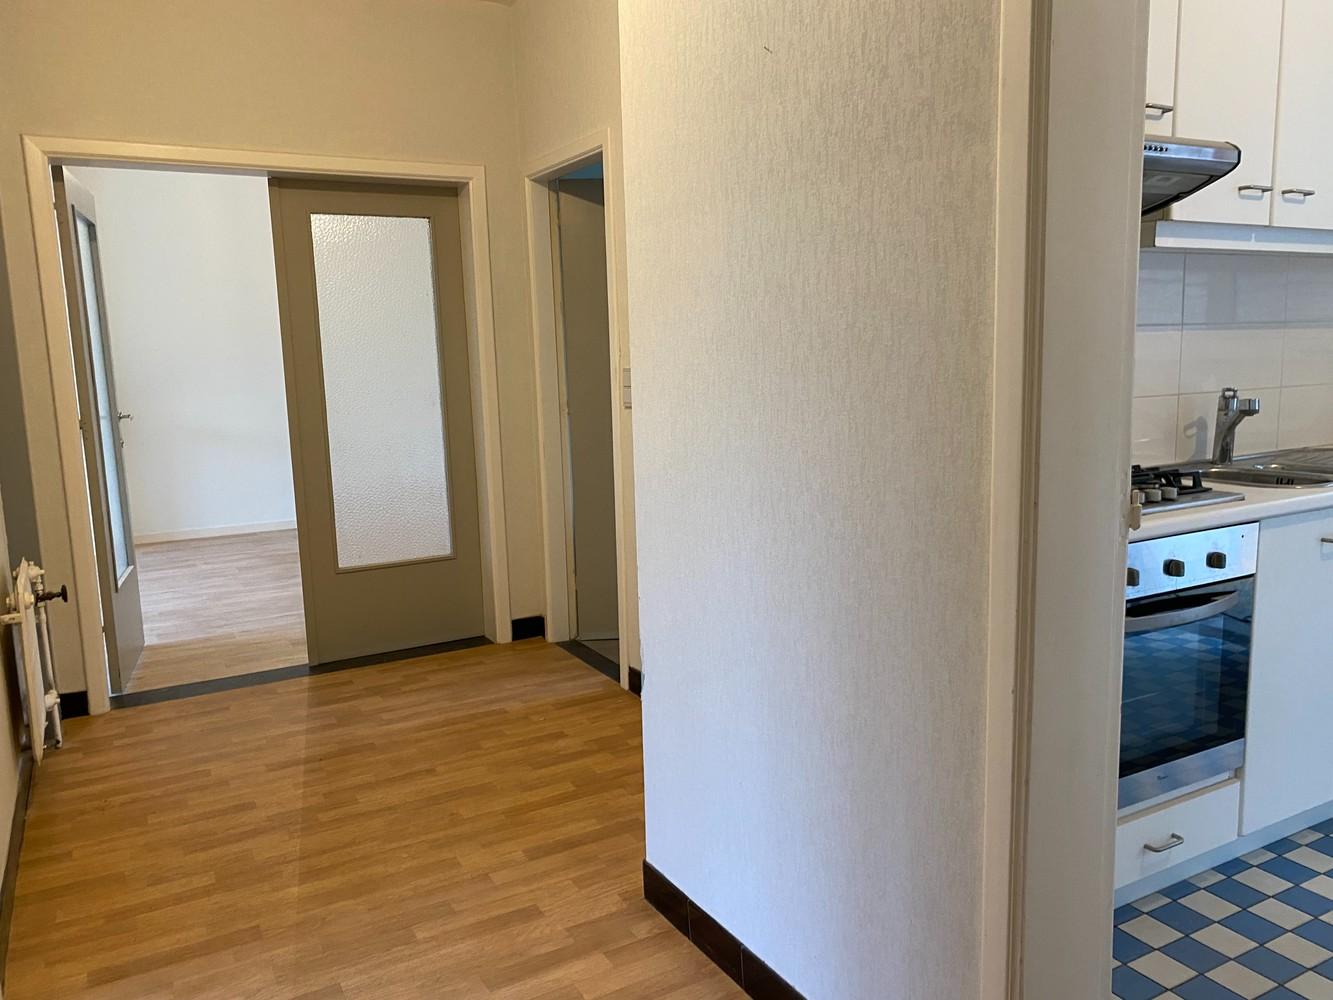 Gerenoveerd, gelijkvloers appartement met 2 slaapkamers en ruime tuin (94m²) in Antwerpen! afbeelding 4